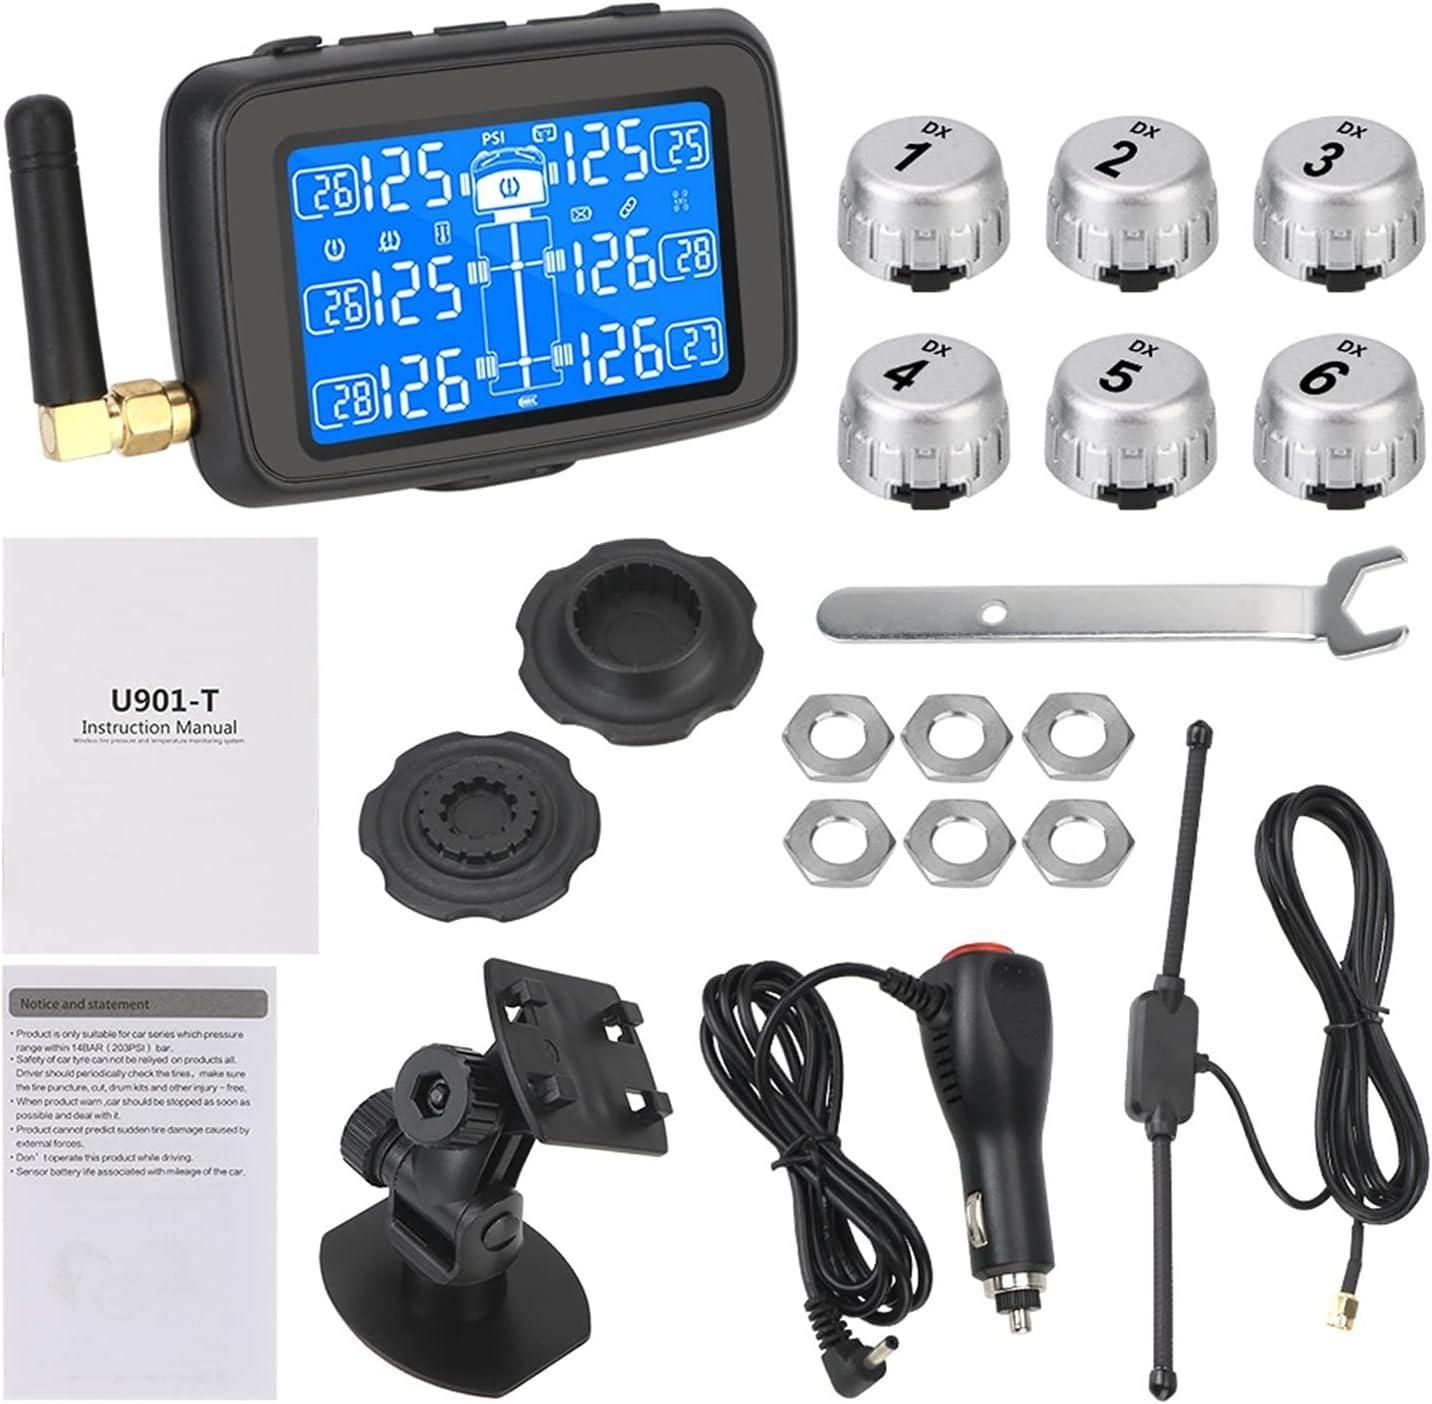 Sistema de monitoreo de presión de neumáticos Camión automático TPMS DE AUTOBUS Digital LCD Mostrar el sistema de monitoreo de presión inalámbrico de la pantalla del automóvil Batería reemplazable con